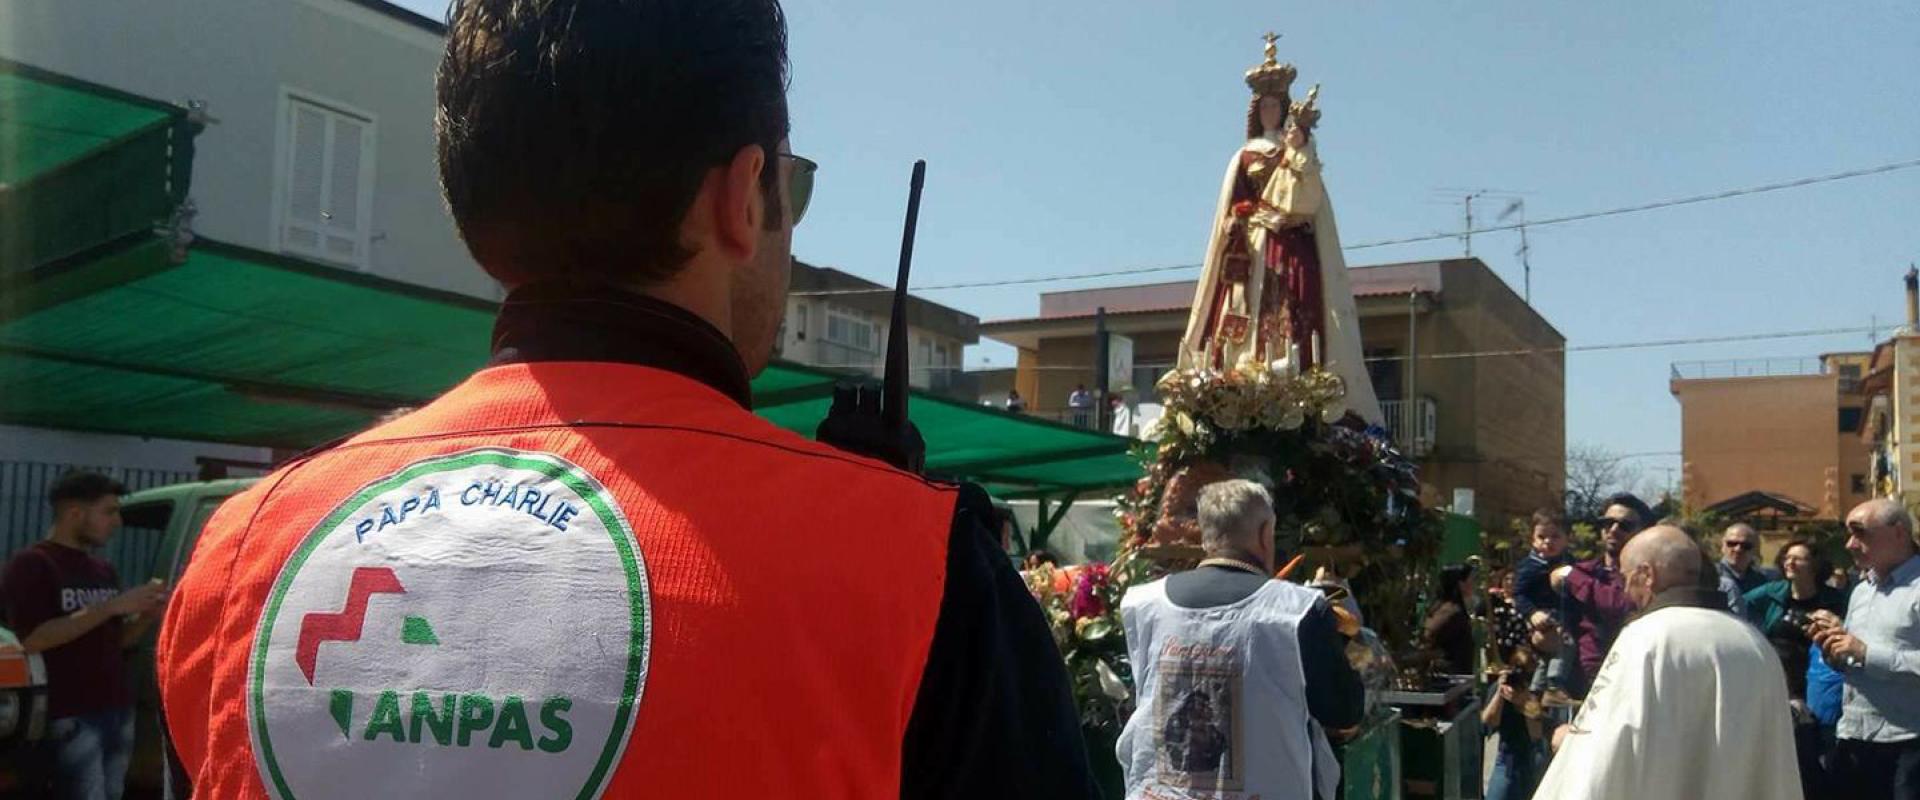 Processione Madonna delle Galline pagani